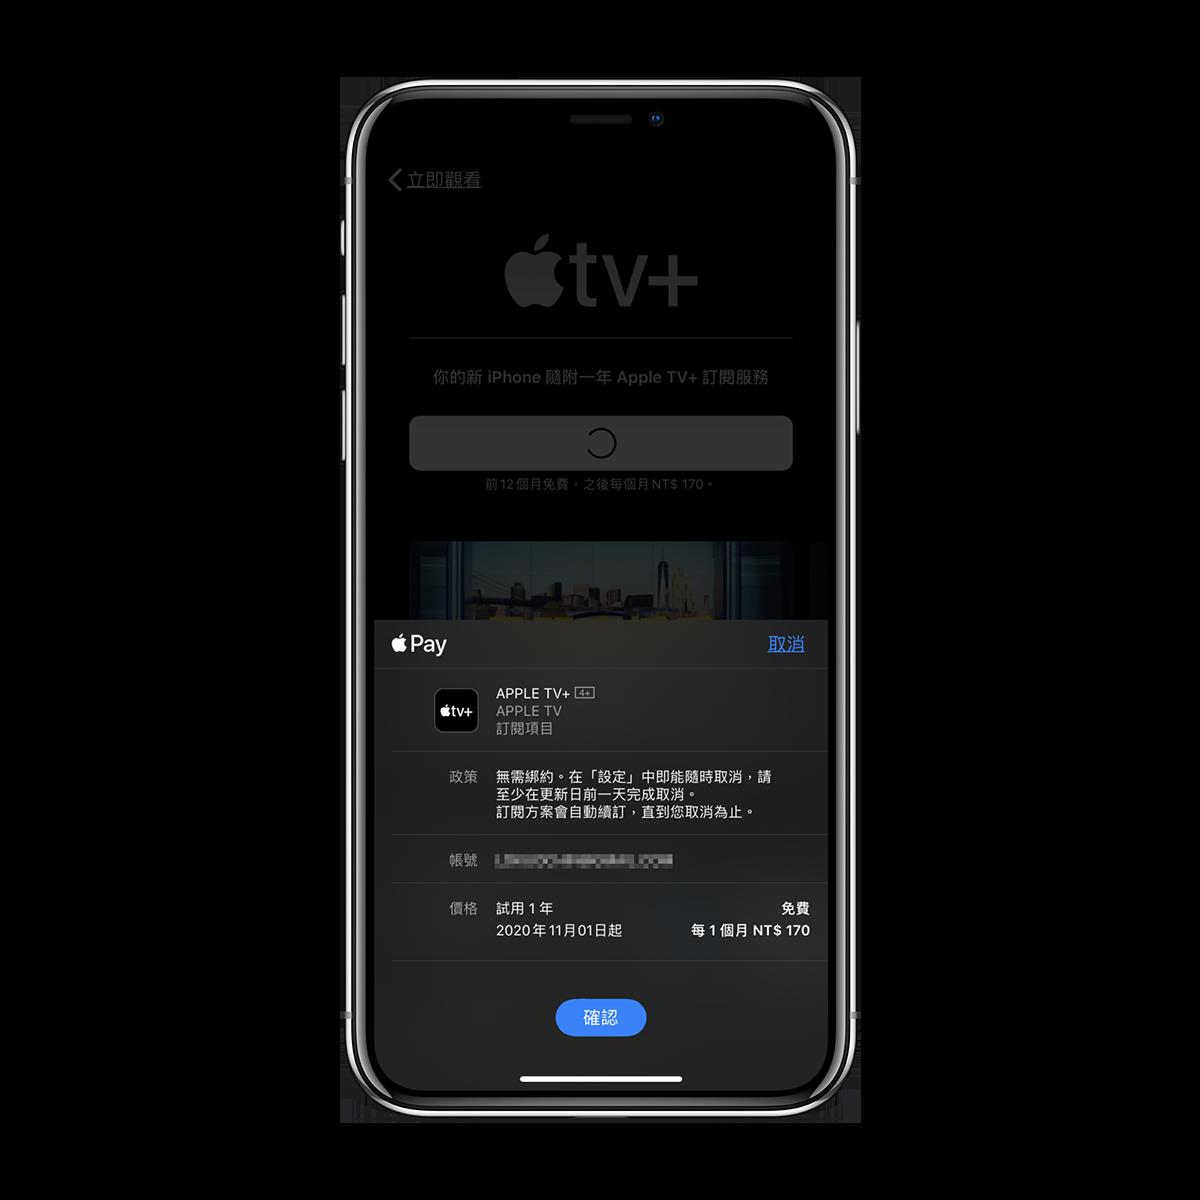 【教學】Apple TV+ 免費看一年申請方法 7